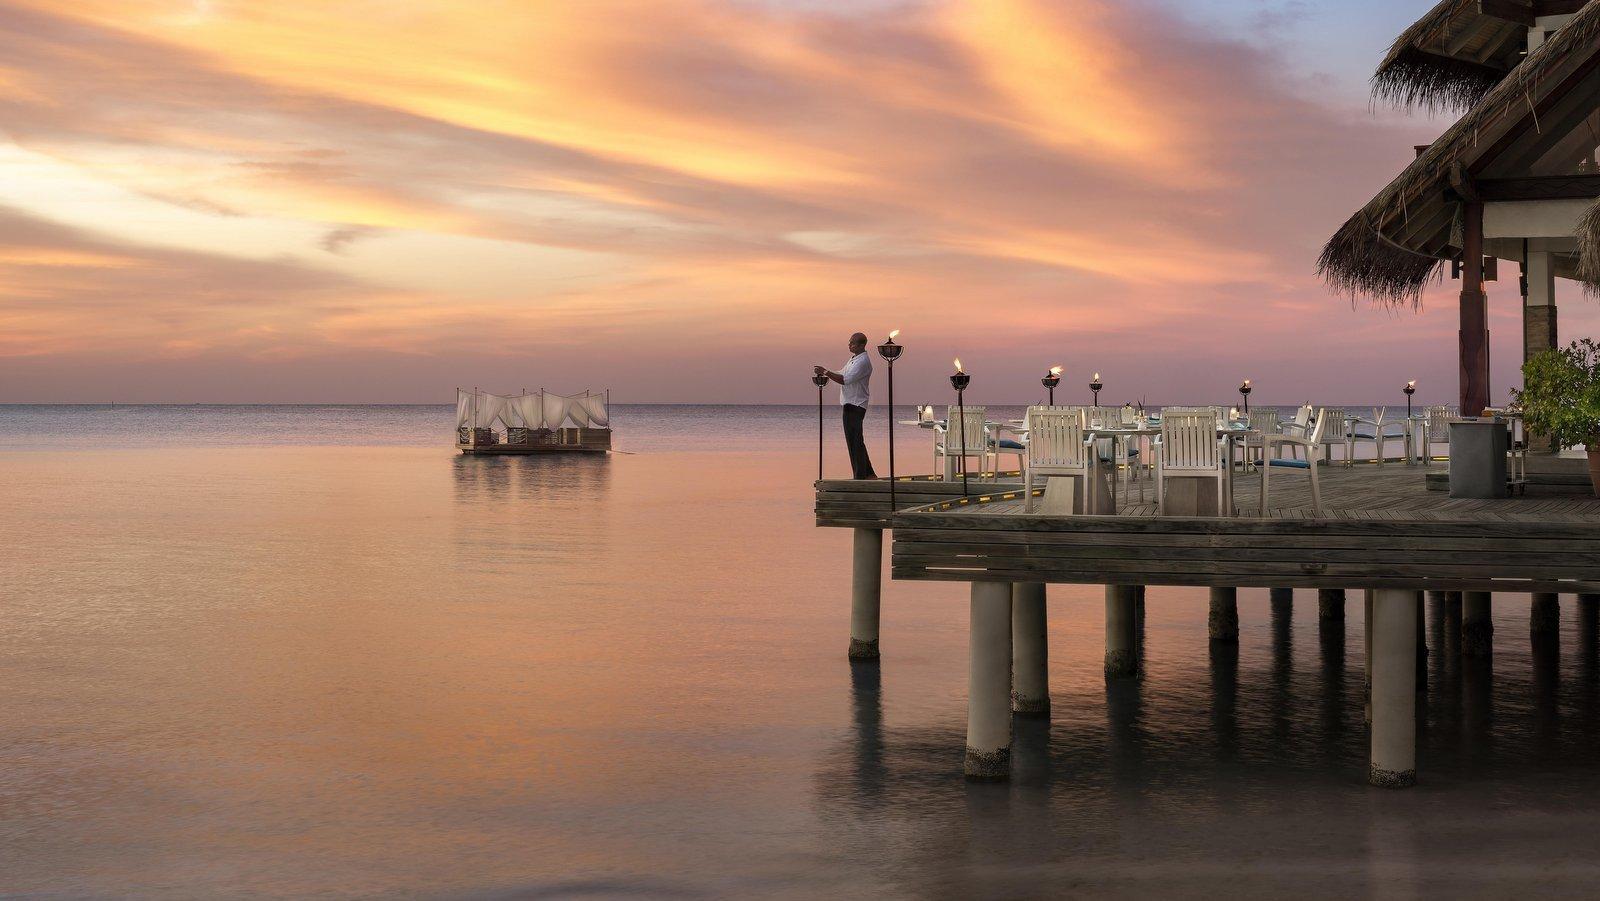 Мальдивы, отель Anantara Dhigu Maldives Resort, ресторан Sea. Fire. Salt